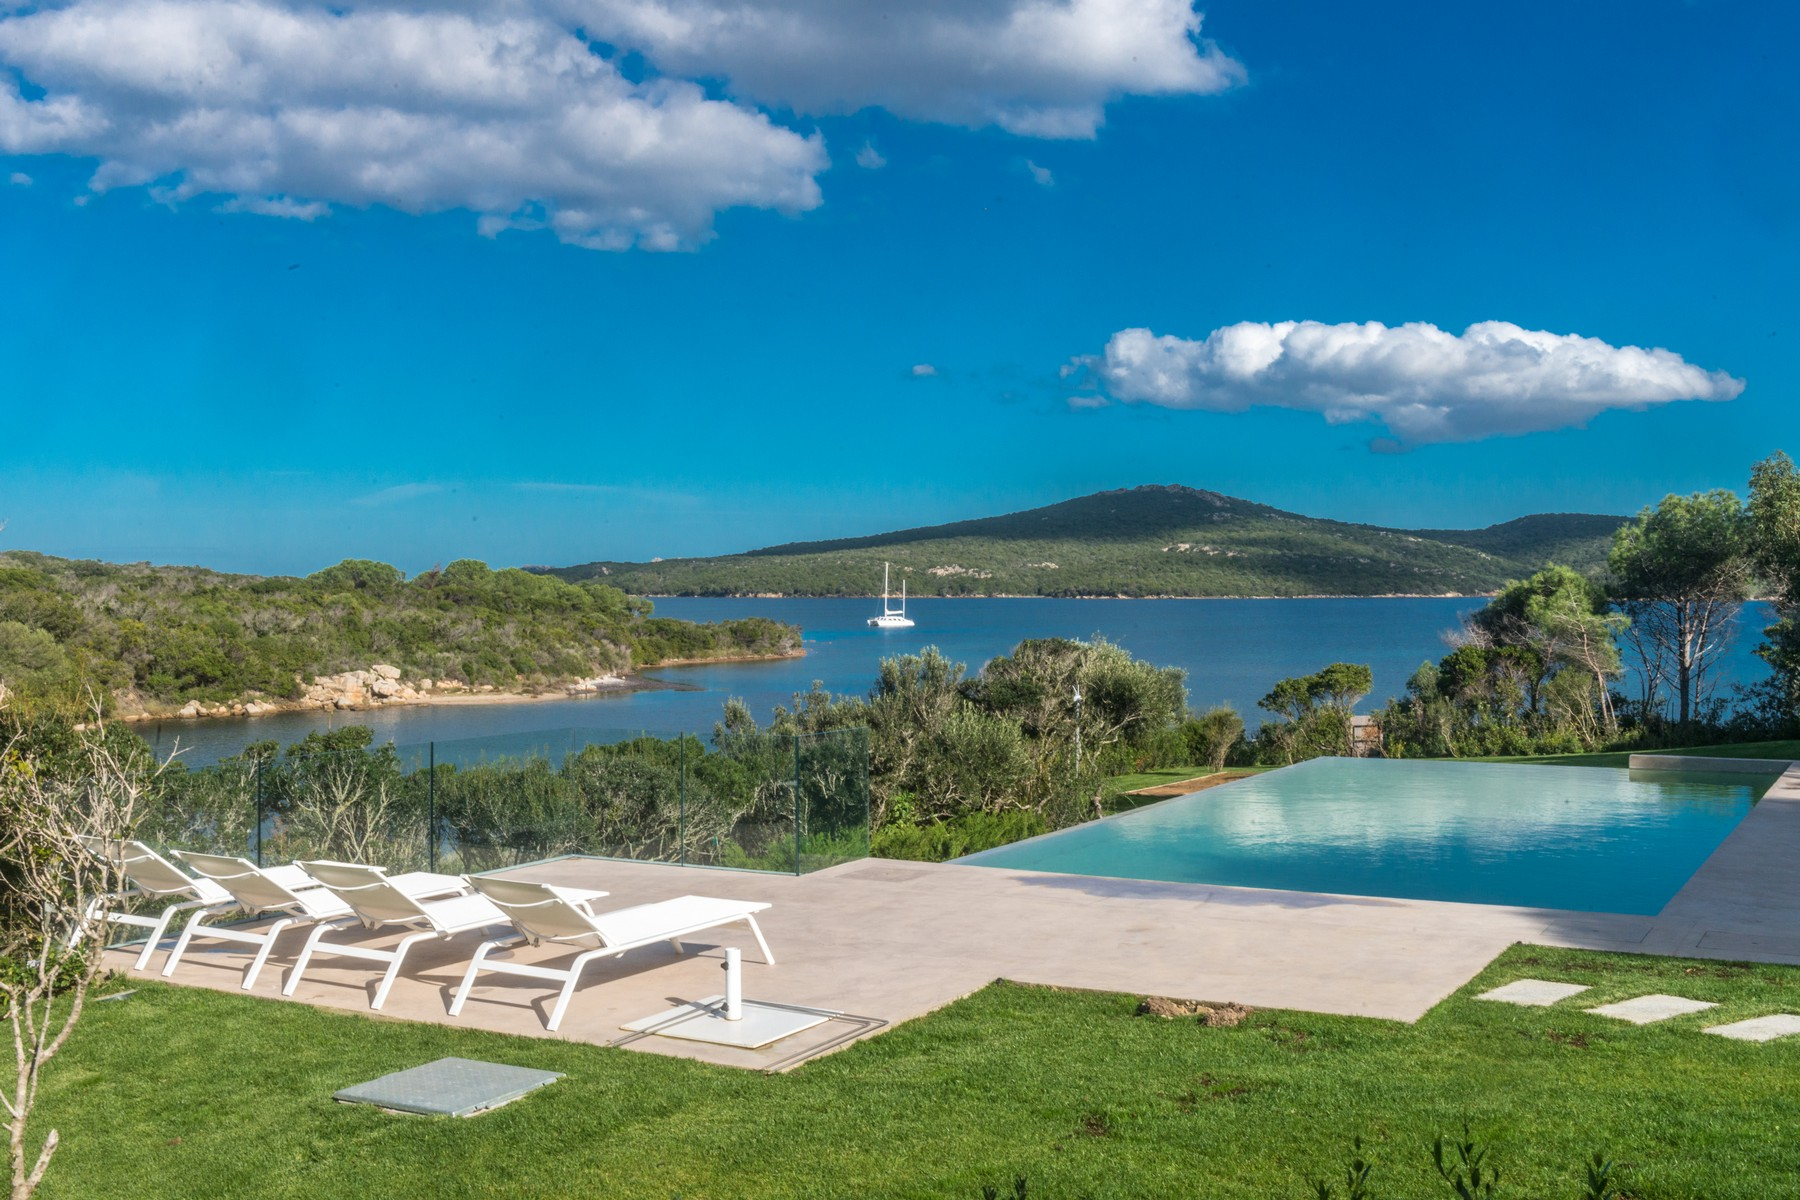 Villa in Vendita a Santa Teresa Gallura: 5 locali, 350 mq - Foto 24